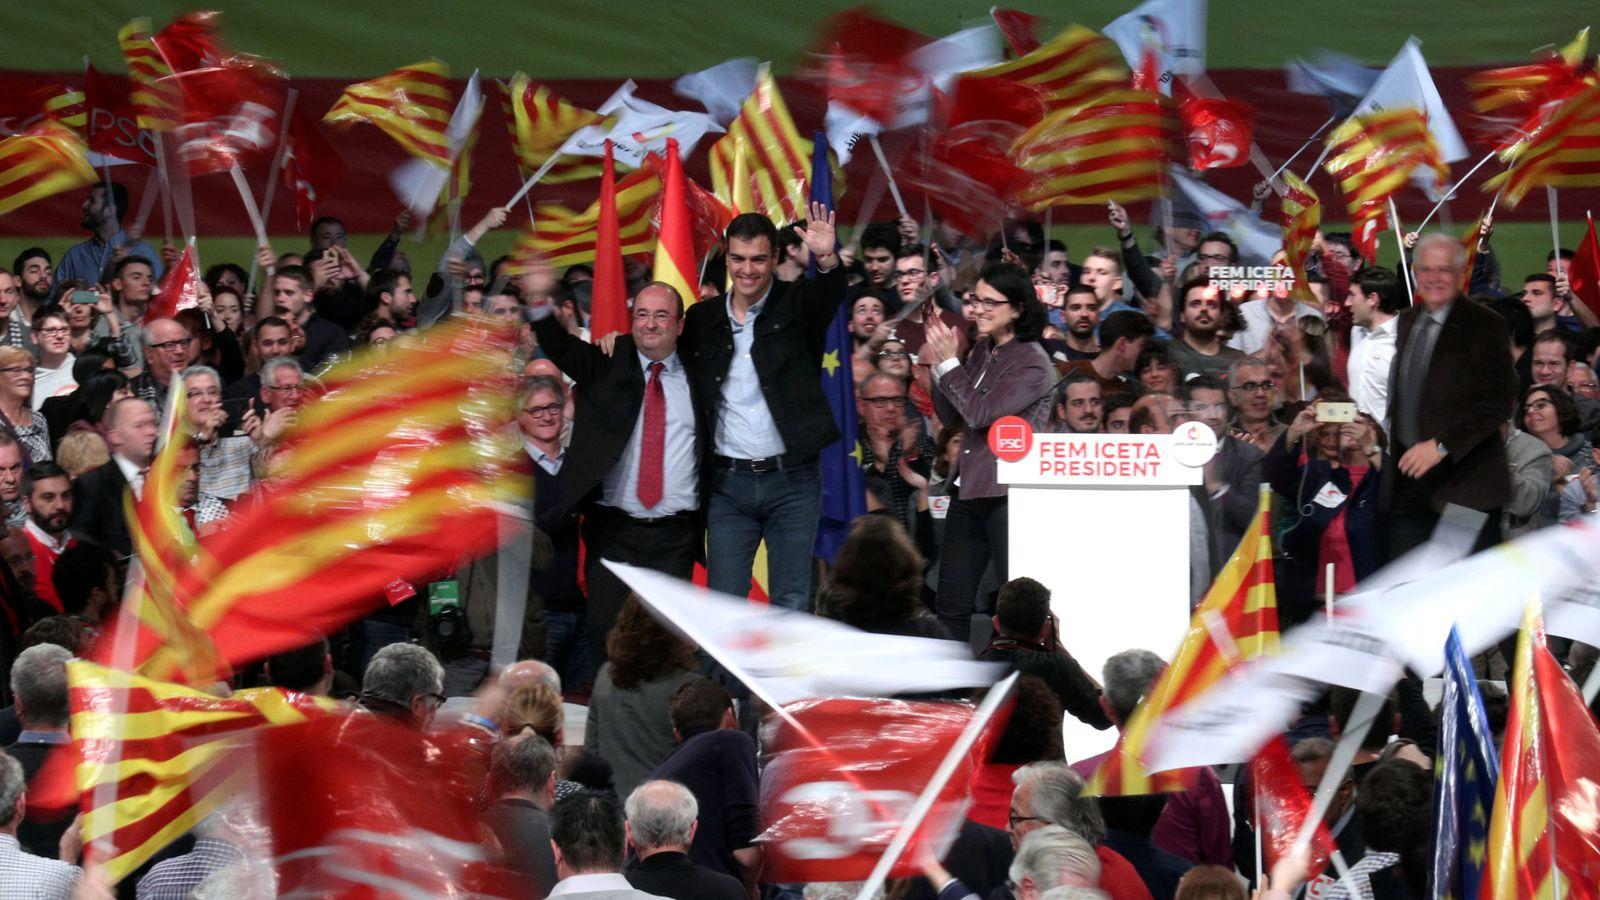 Foto: Pedro Sánchez y Miquel Iceta, con Eva Granados y Pepe Borrell, el pasado 17 de diciembre en el acto central de campaña del PSC, en Barcelona. (Reuters)